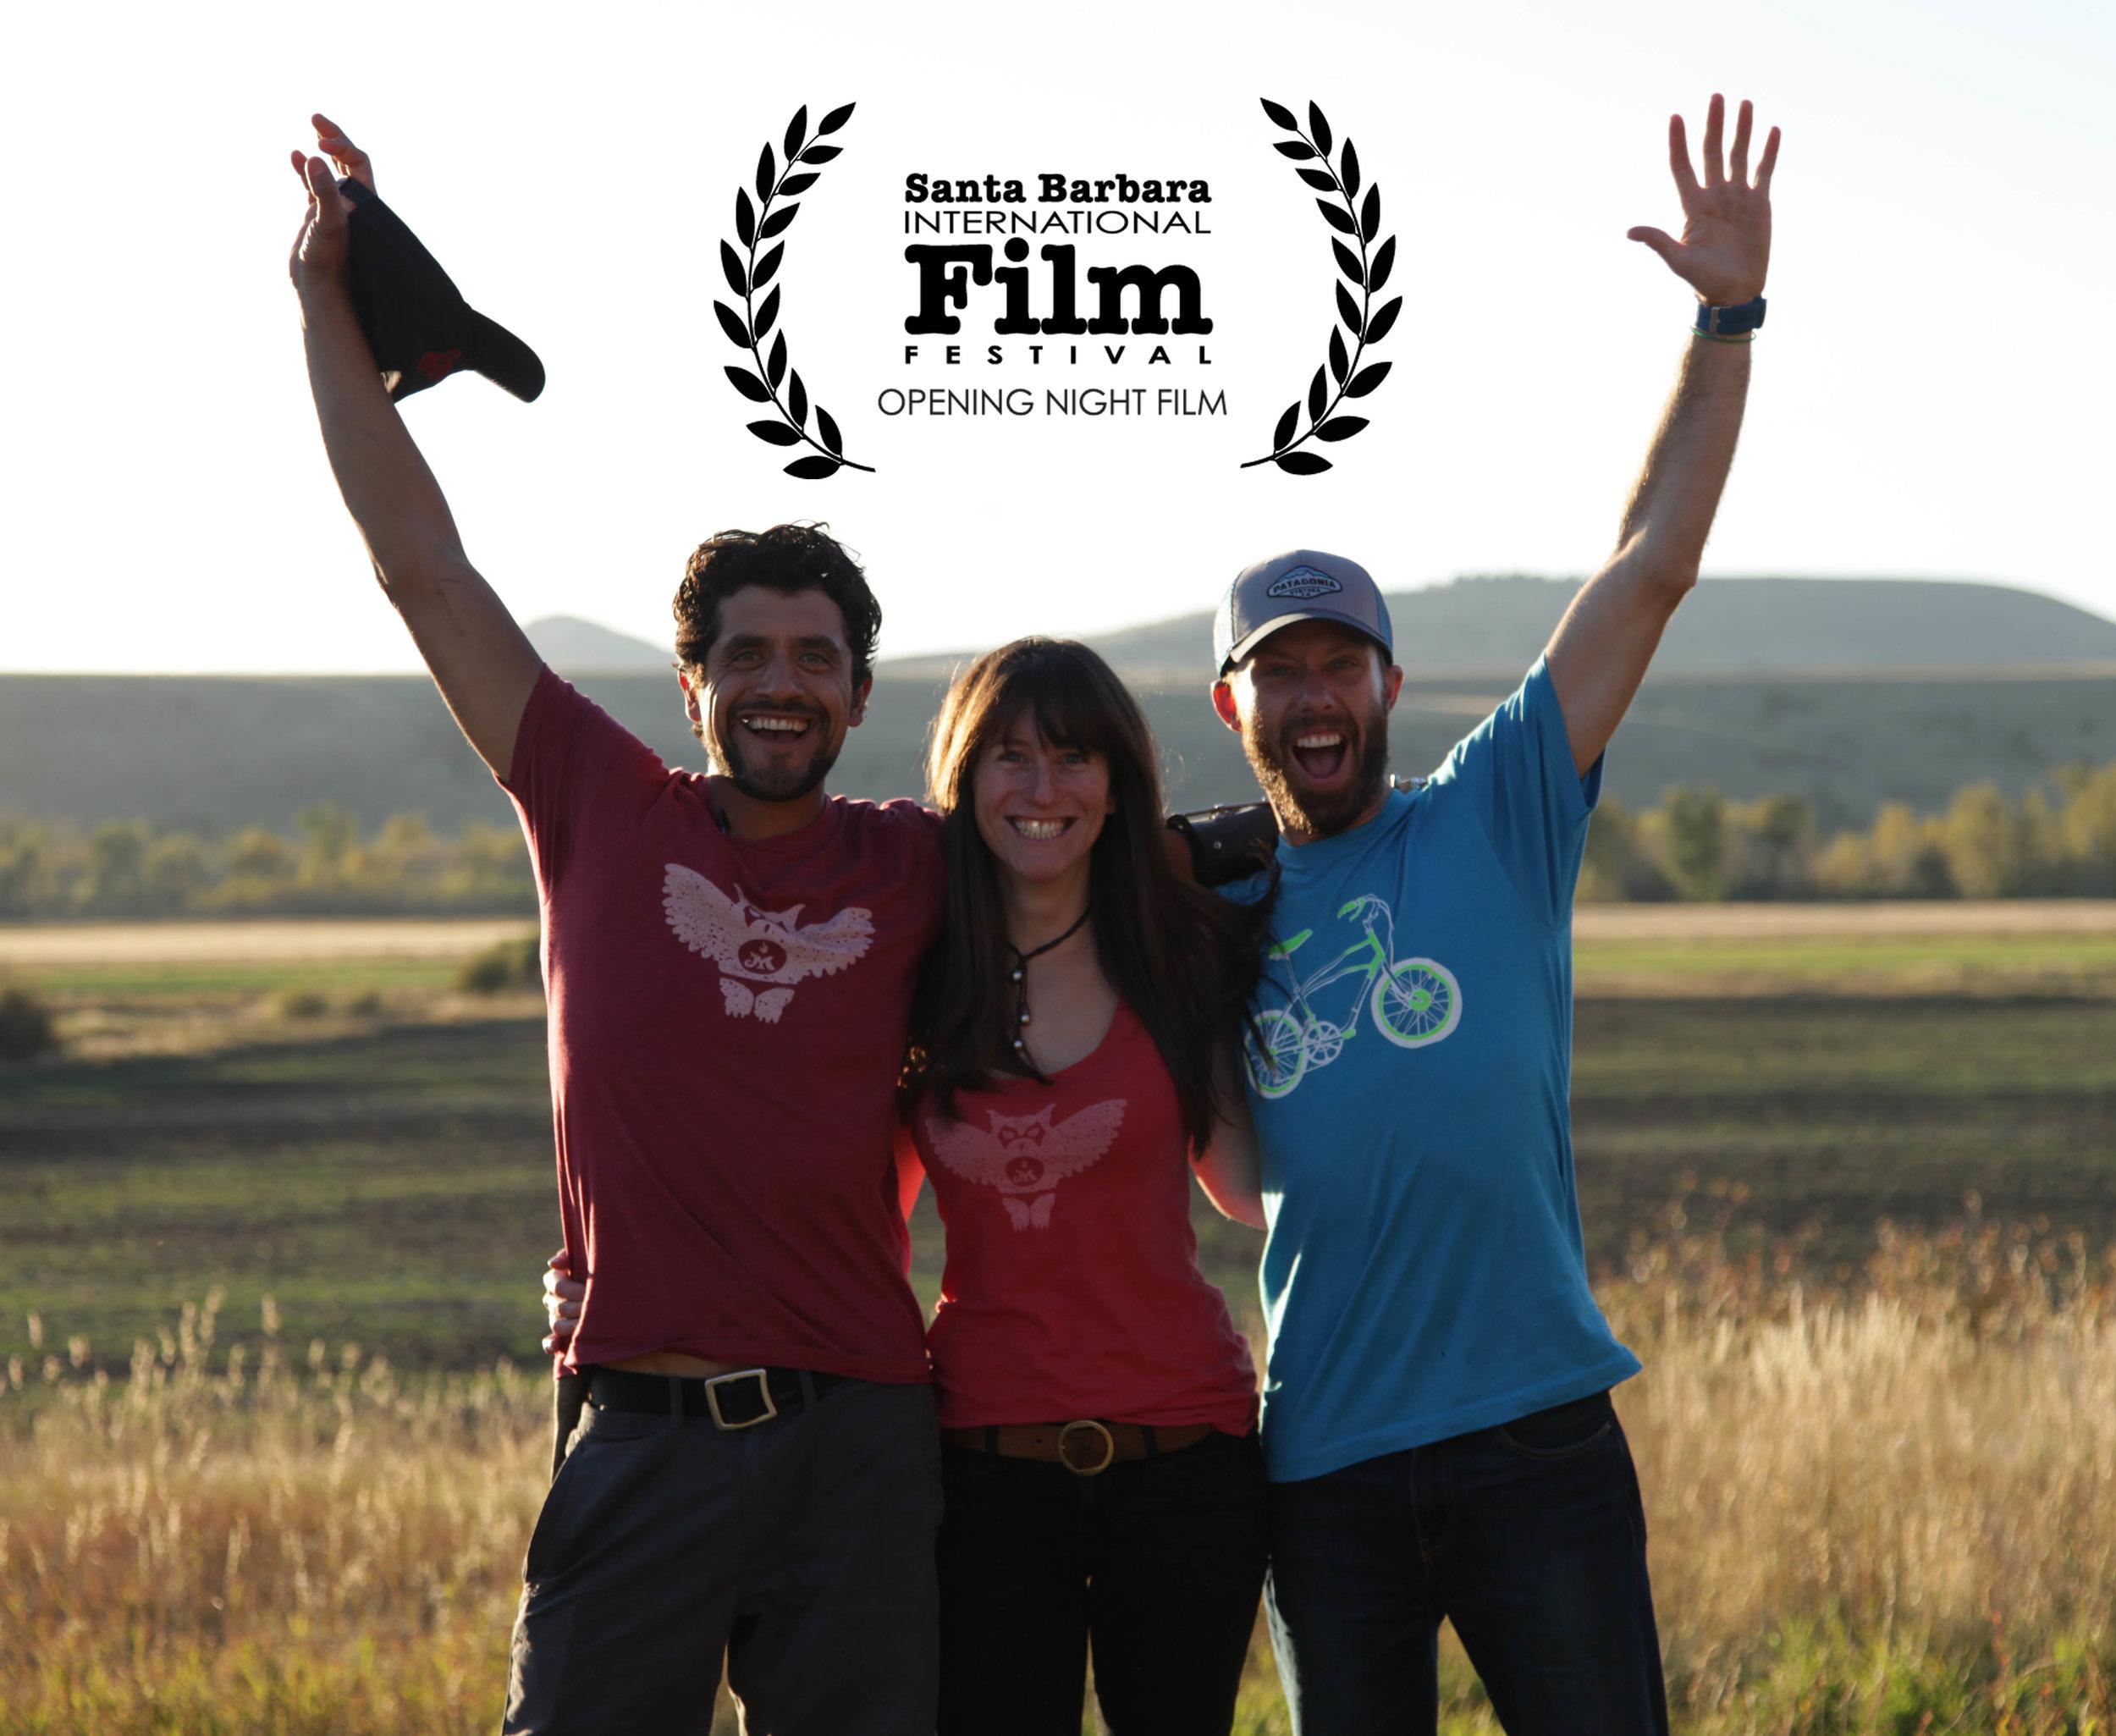 Director Phill Baribeau, eduardo and I celebrate!